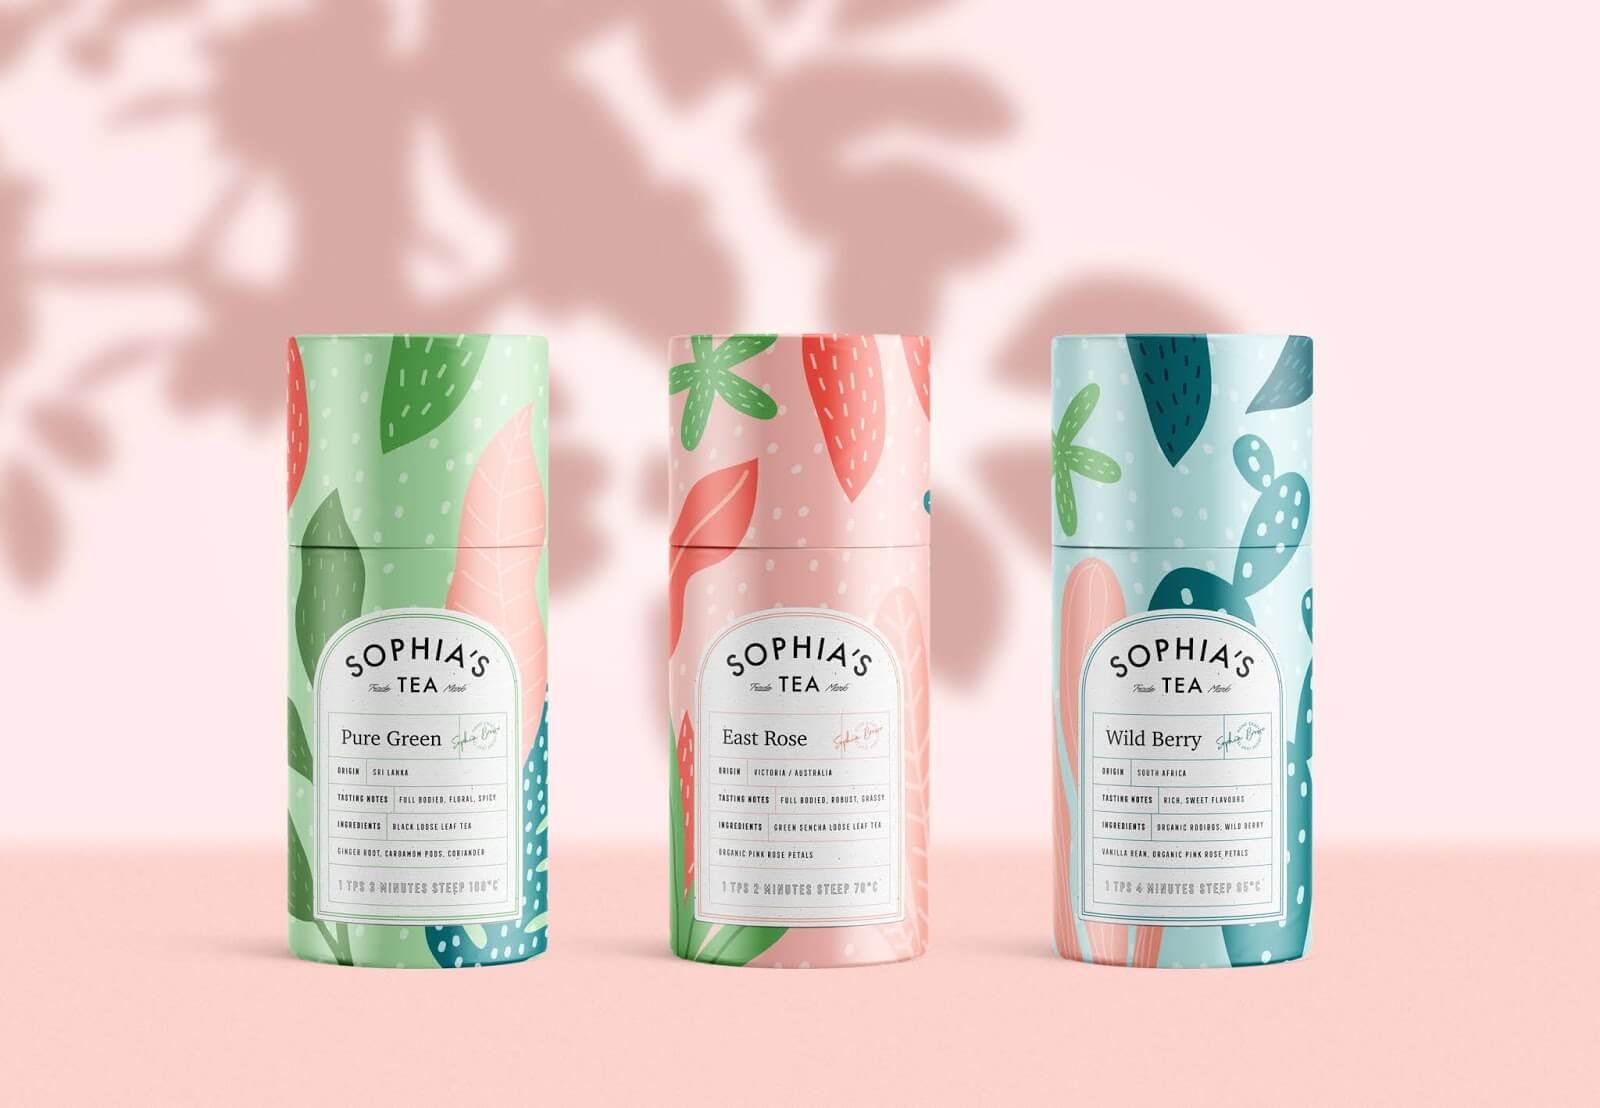 sophia's tea packaging design